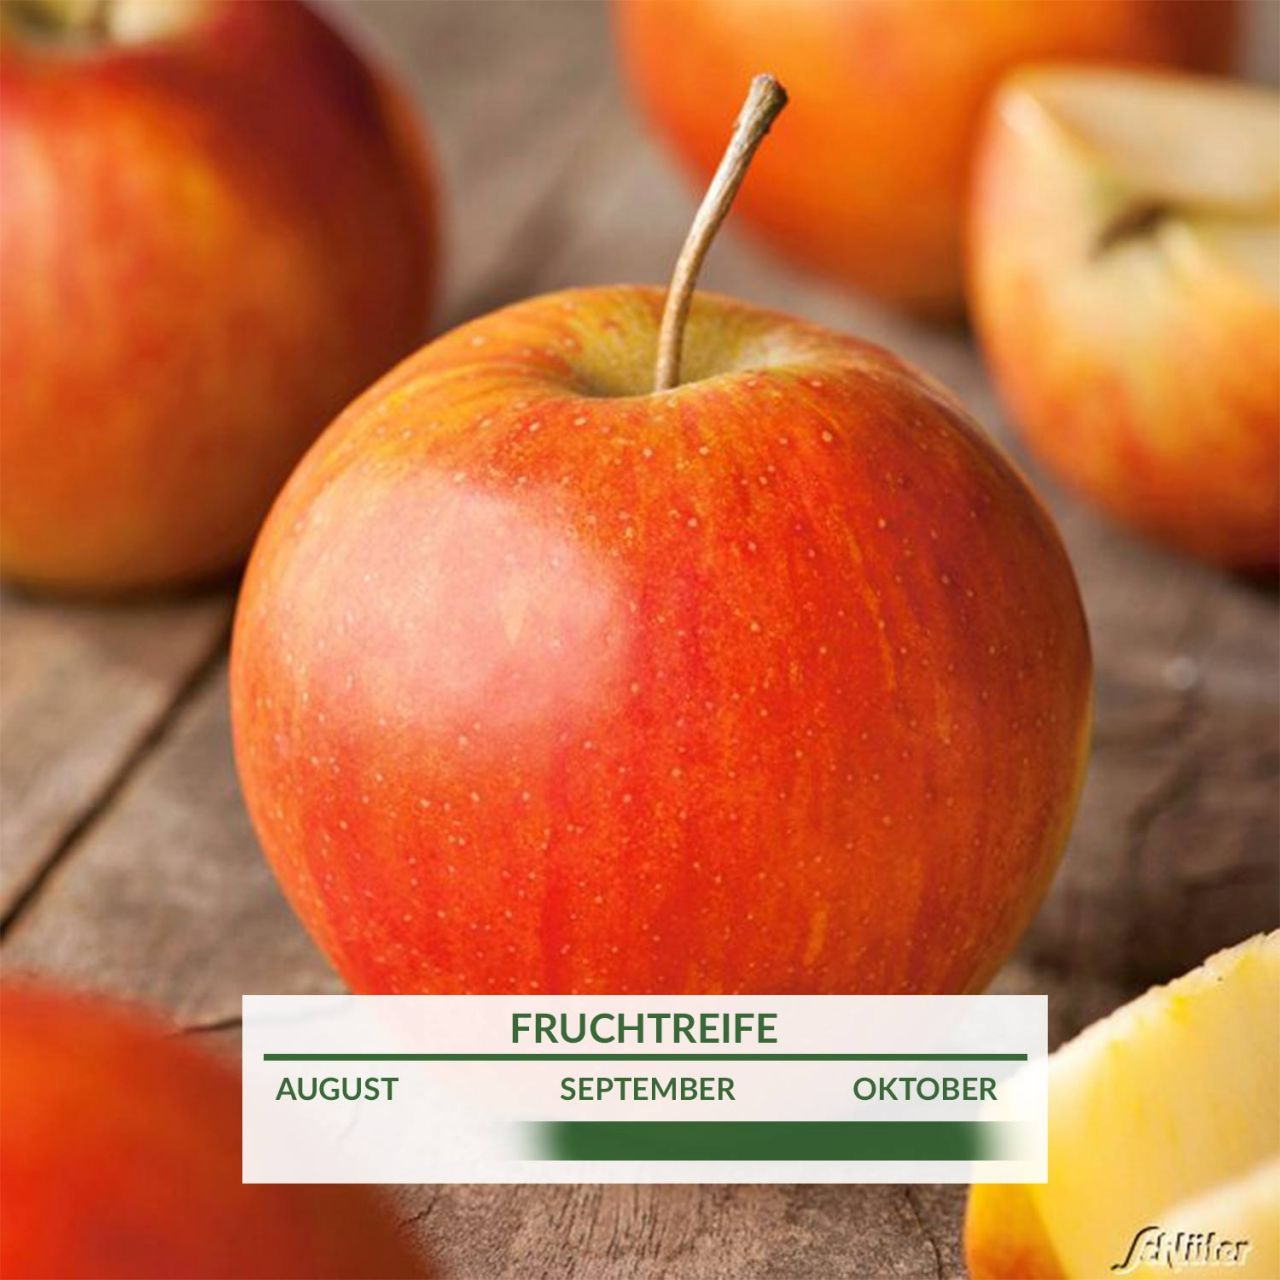 Garten-Schlueter.de: Apfel Rubinette - Rafzubin Herbstapfel